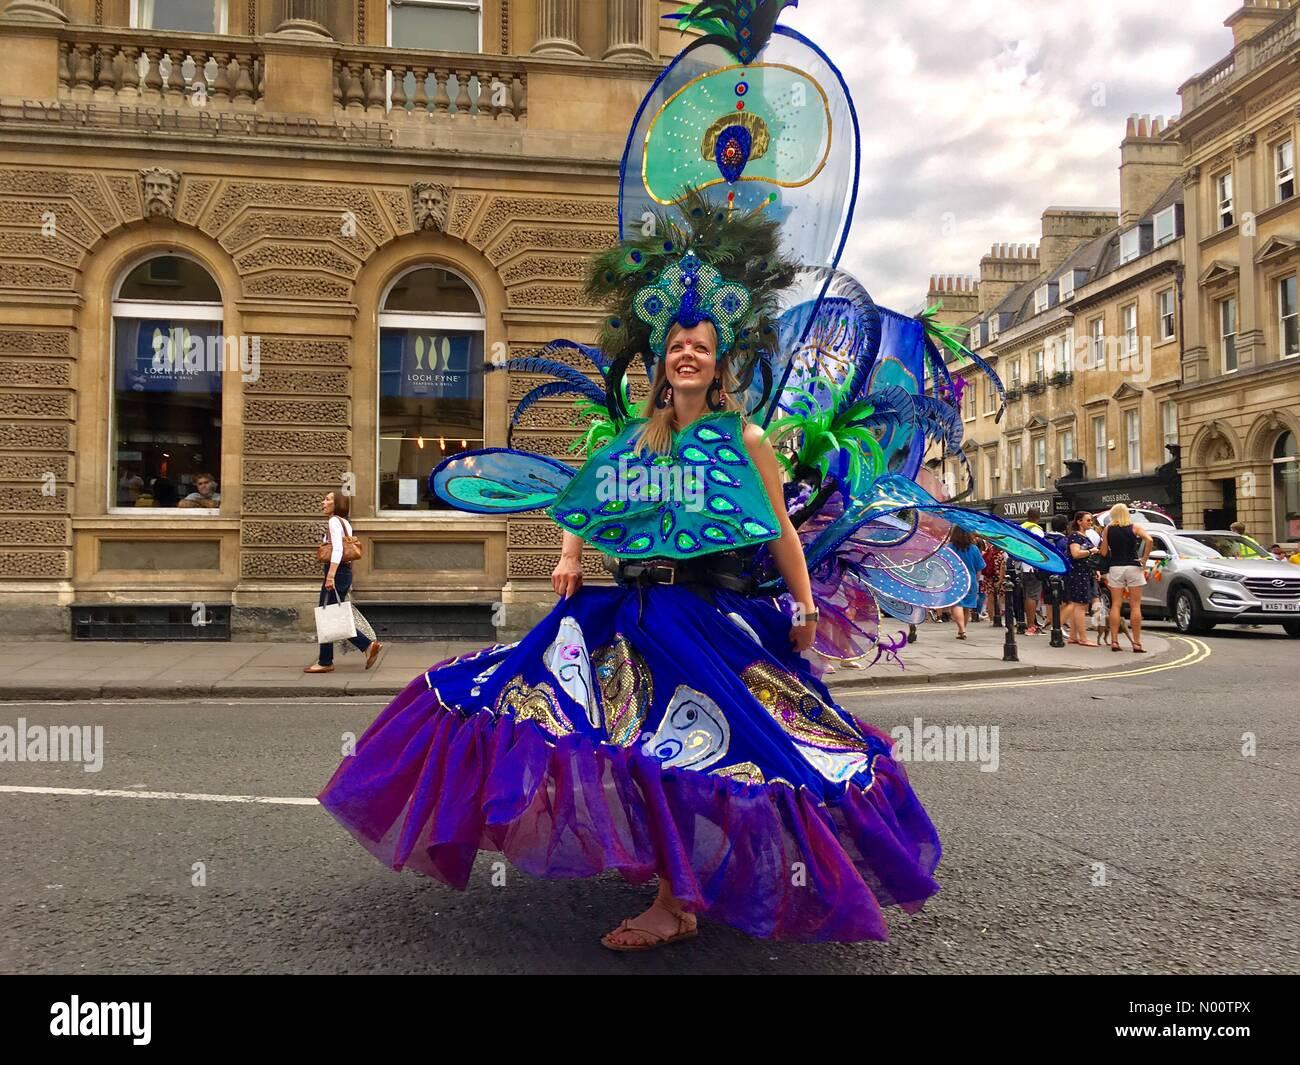 bath-carnival-21-july-2018-bath-england-